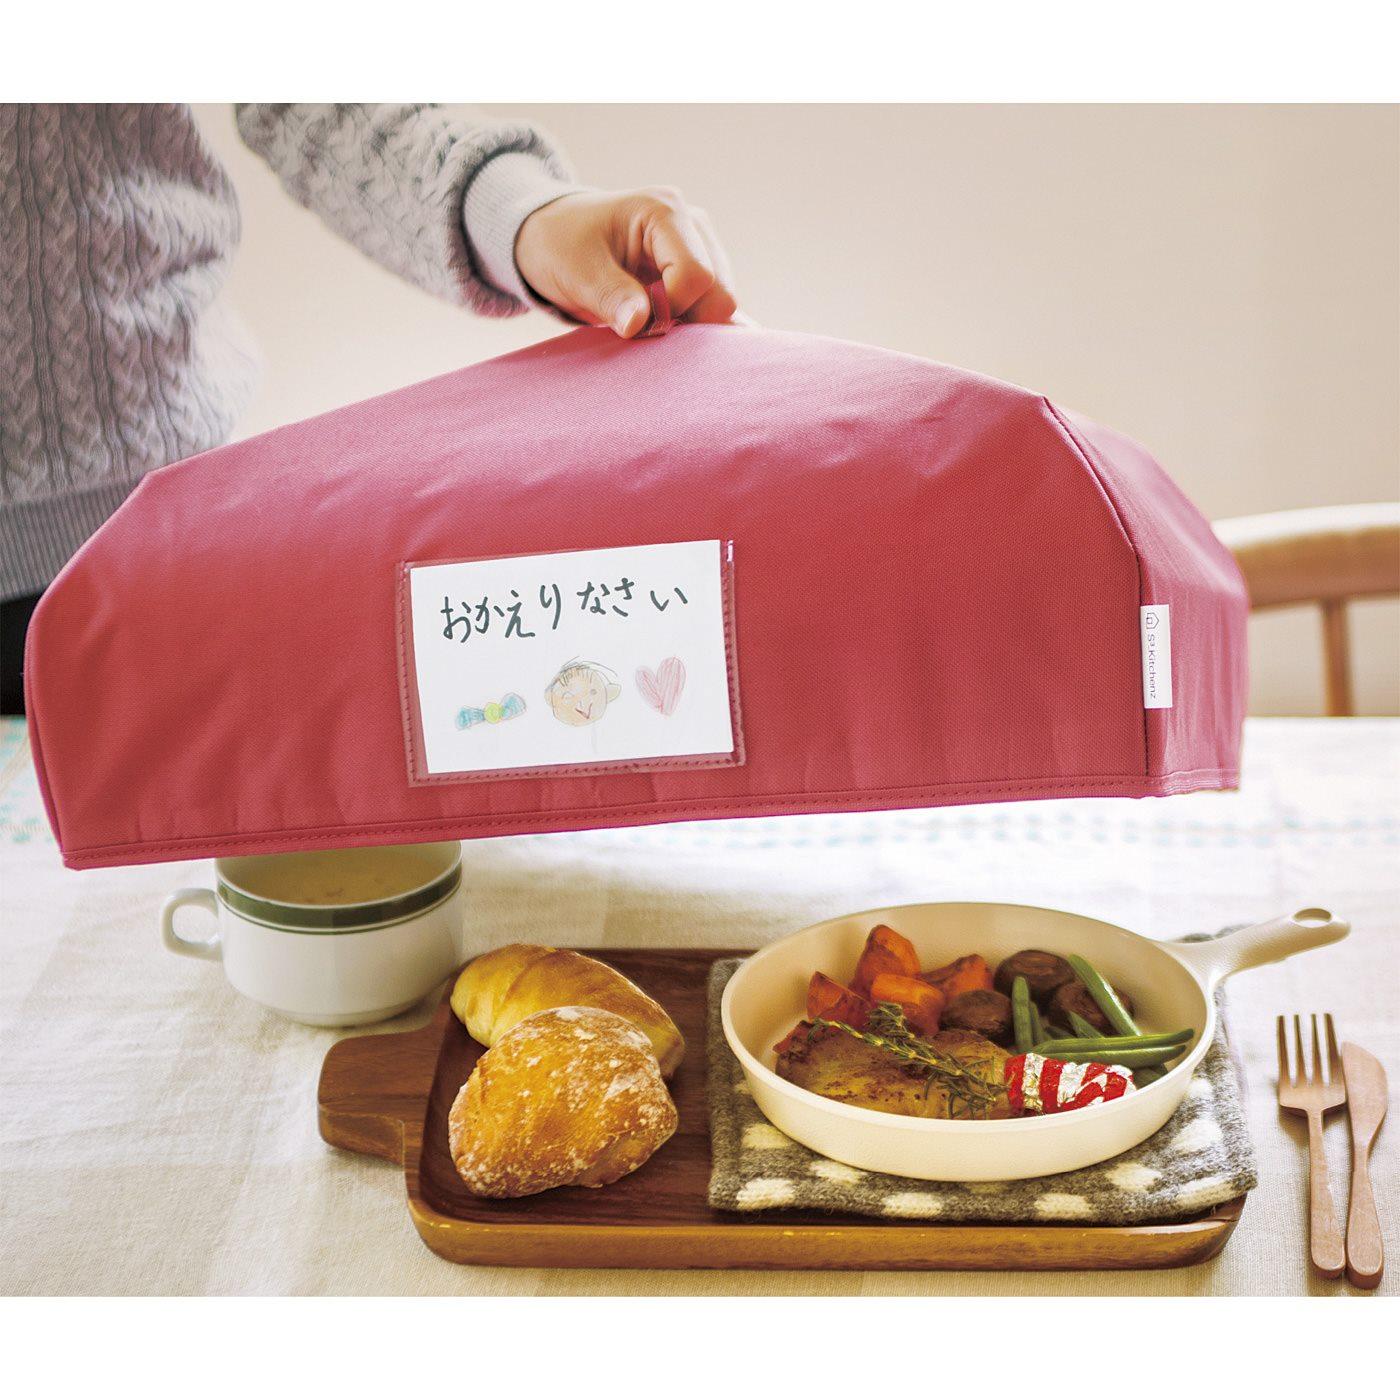 フェリシモ ホコリが気になる作り置き料理をすっぽり包む愛情フードカバーの会